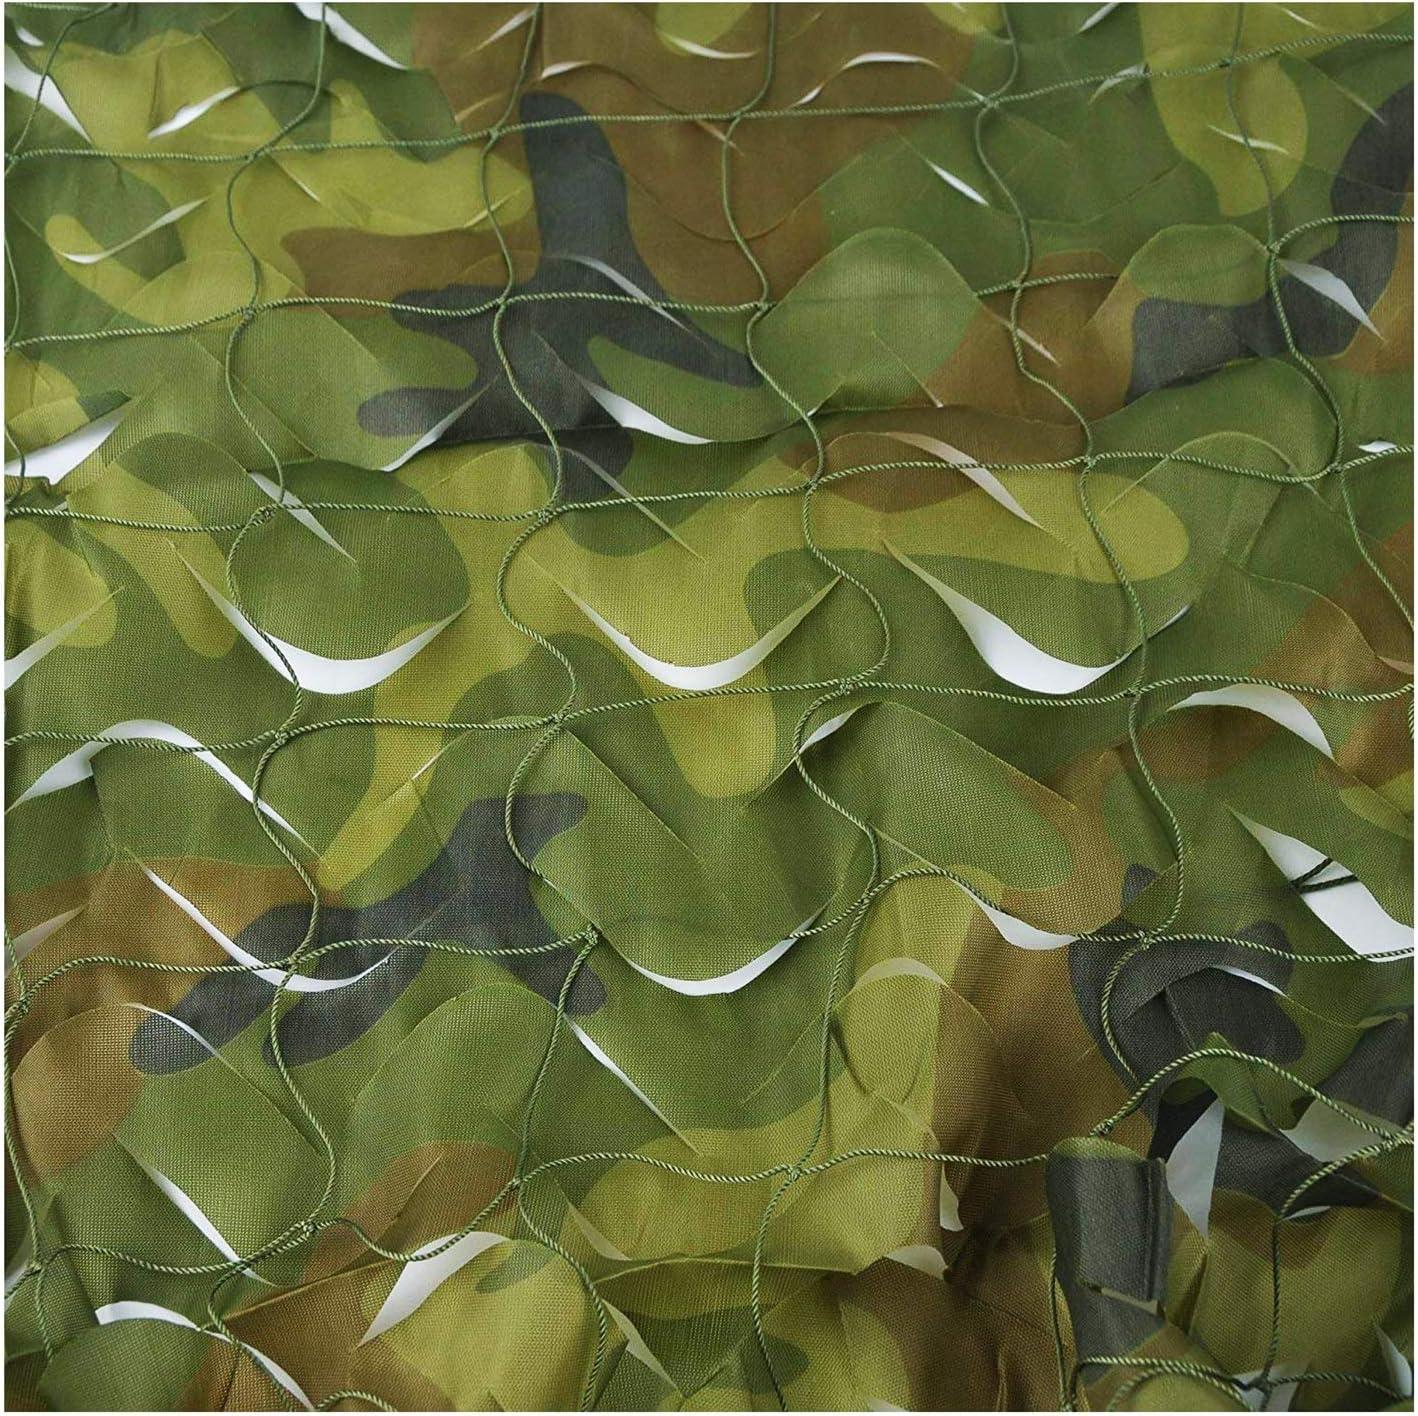 Filet de Camouflage Woodland 2x3m Protection Solaire Maille Pare-soleil Filet de Protection pour Enfants Cauvents Chasse Camping Hass Filet Camouflage Militaire Renforce Filet de Camouflage Militaire